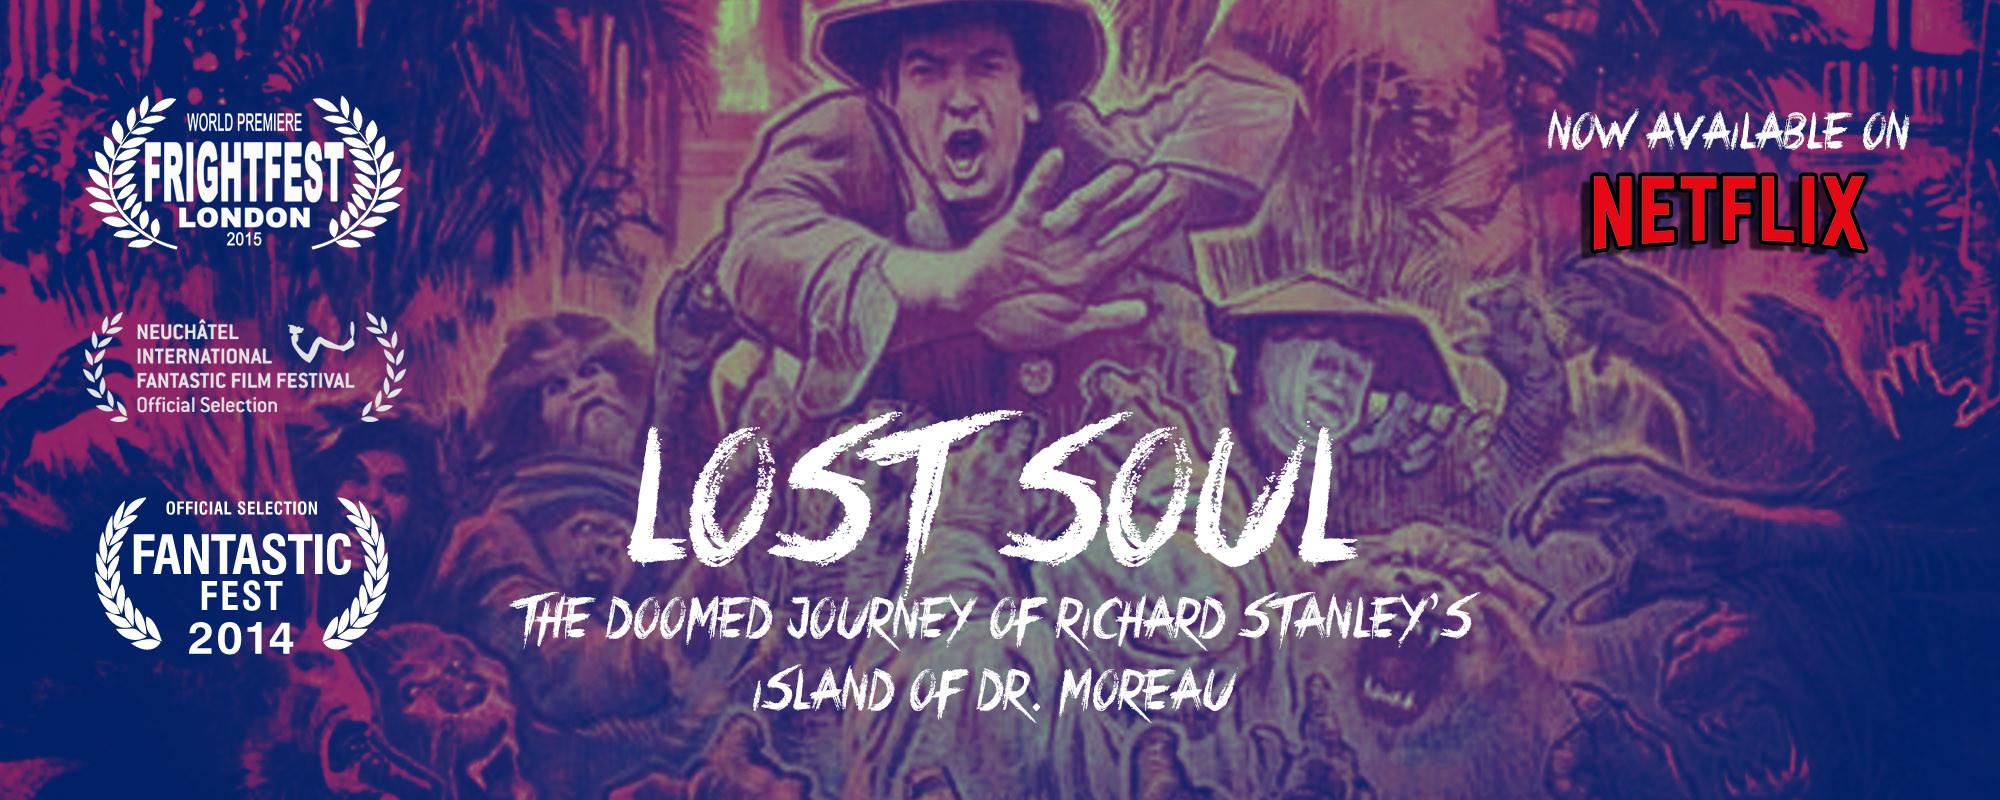 lost-soul-gregory-kunz